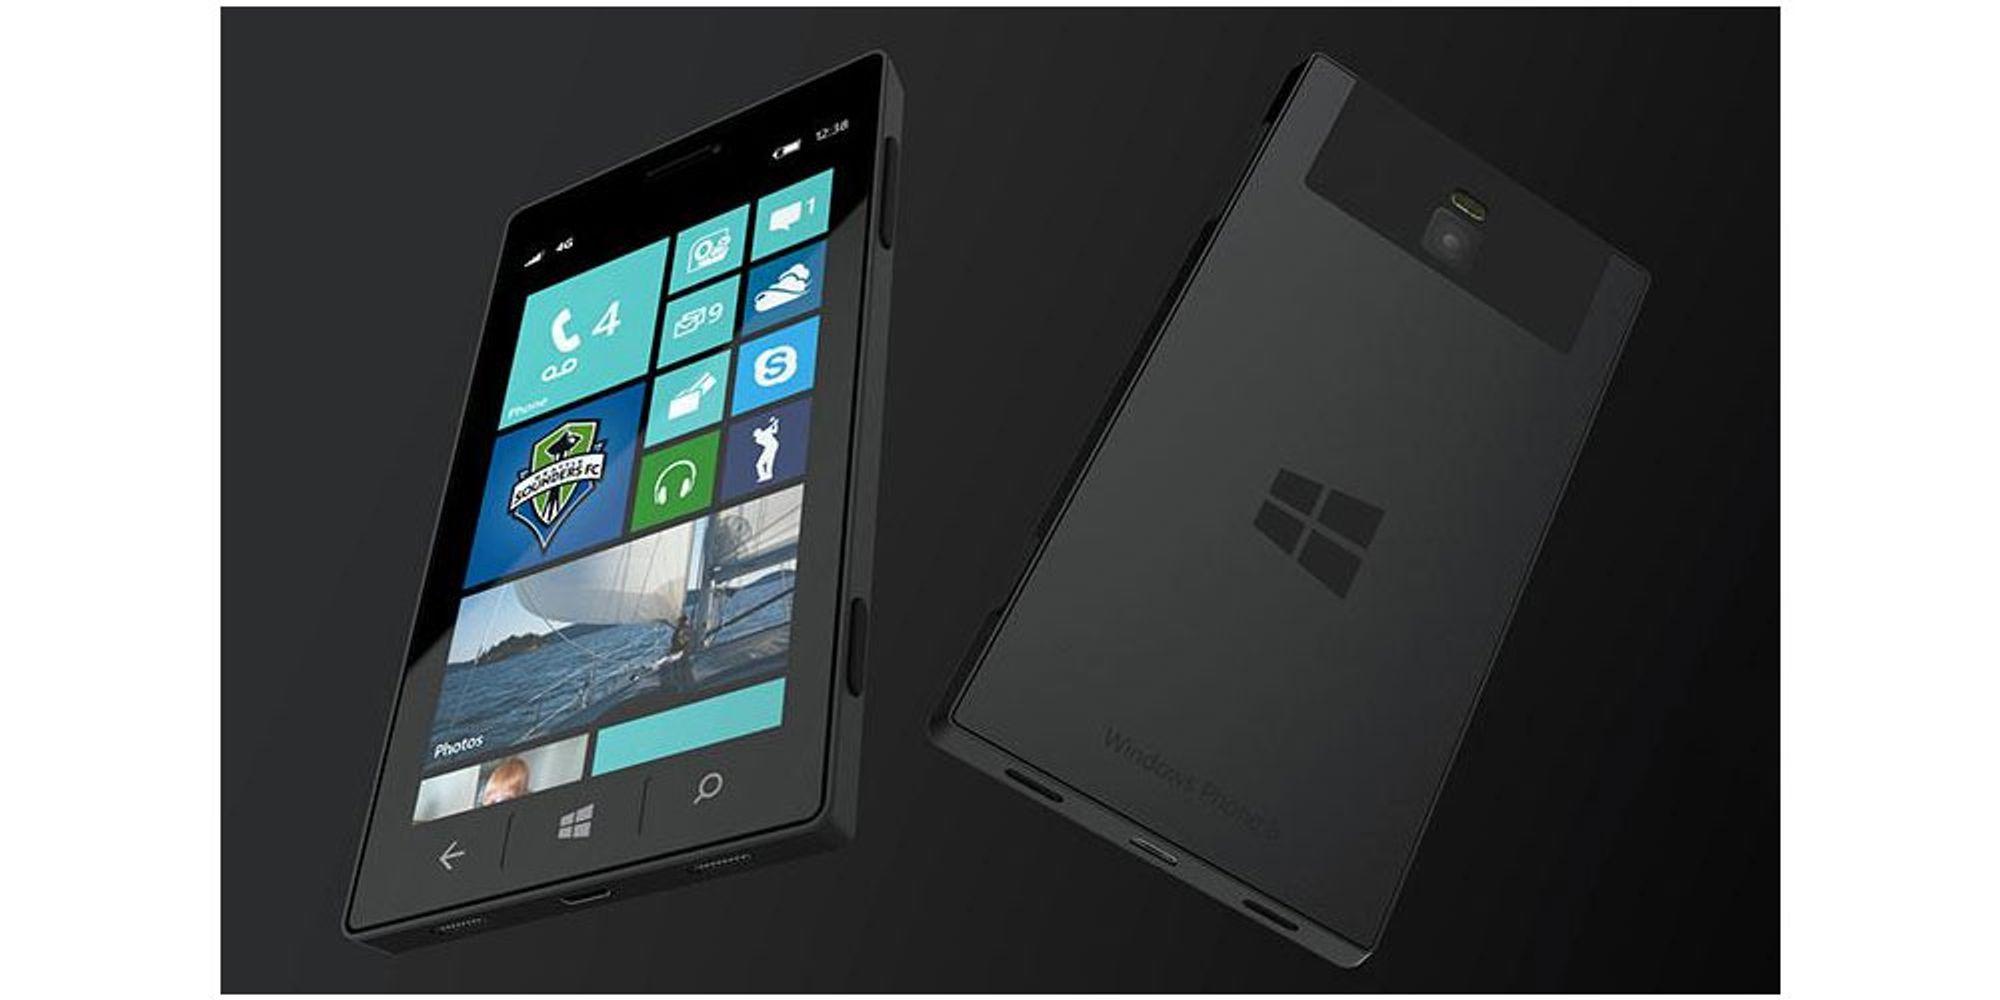 Lager Microsoft sin egen mobil?